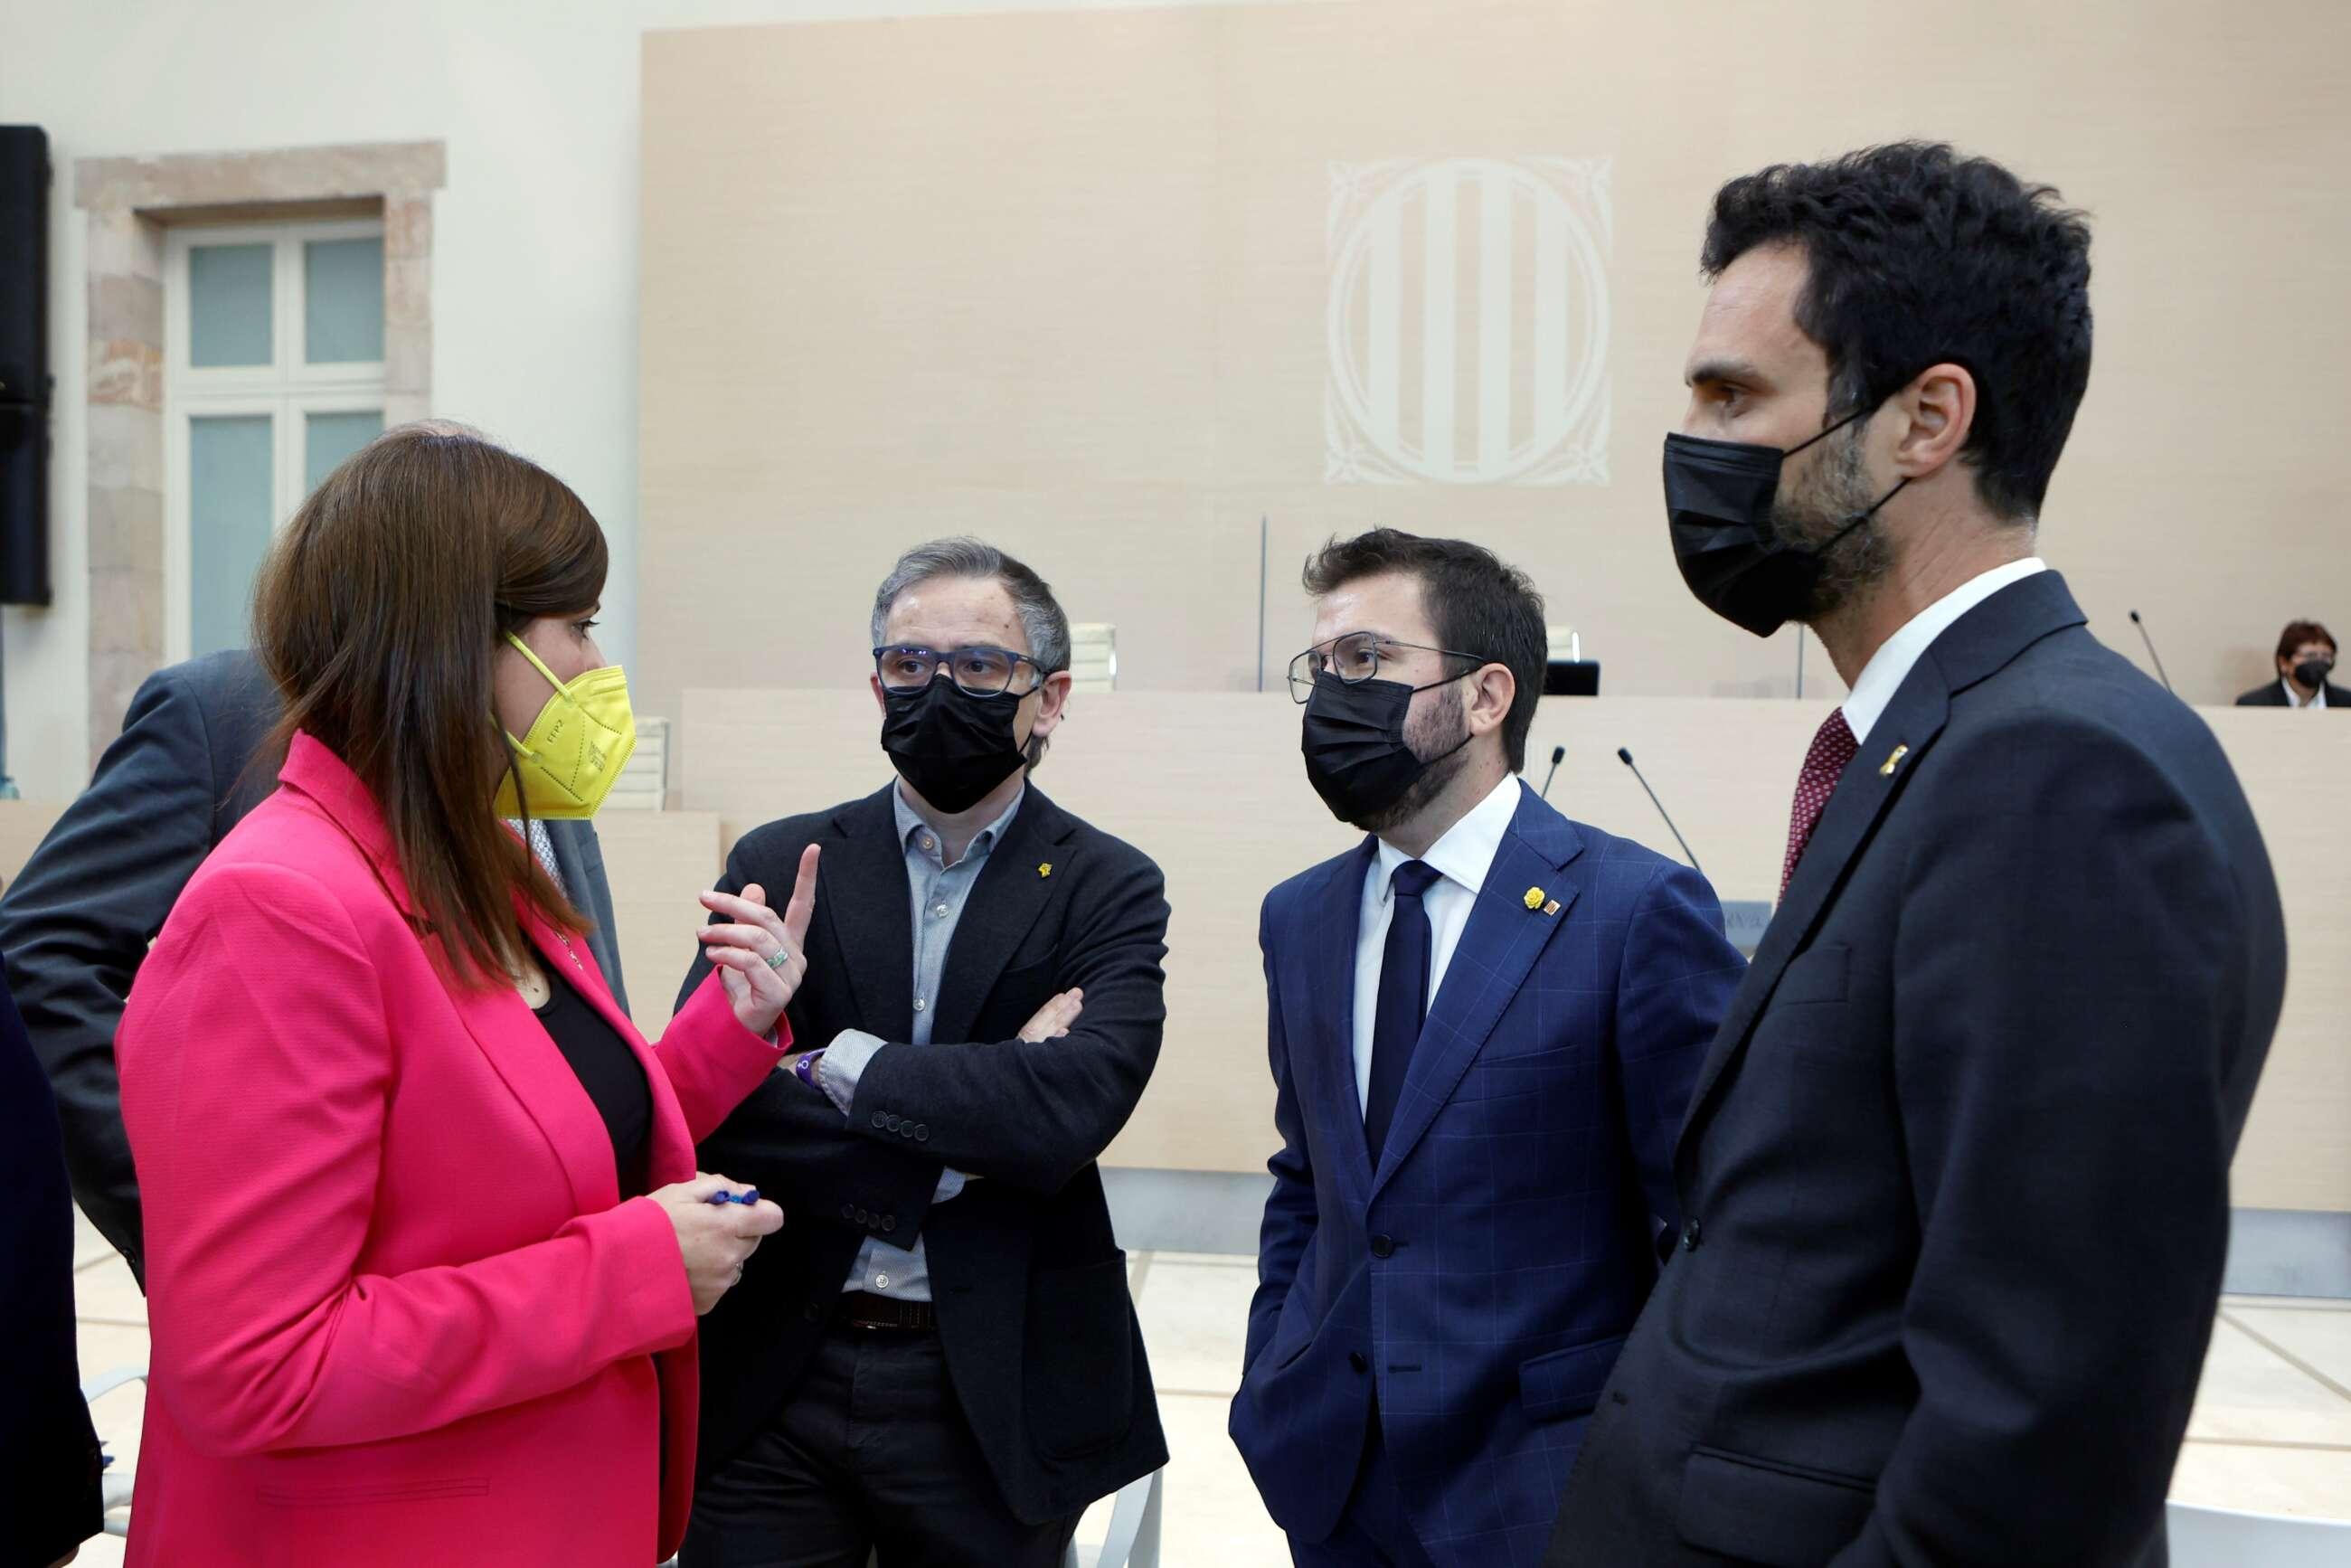 El candidato de ERC a la presidencia de la Generalitat, Pere Aragonès (2d), junto a sus compañeros Roger Torrent (d) y Josep Maria Jové (3d), conversan con la diputada de JxCat Gemma Geis (i), poco antes del comienzo del segundo debate de investidura de Aragonès. EFE/Quique García POOL